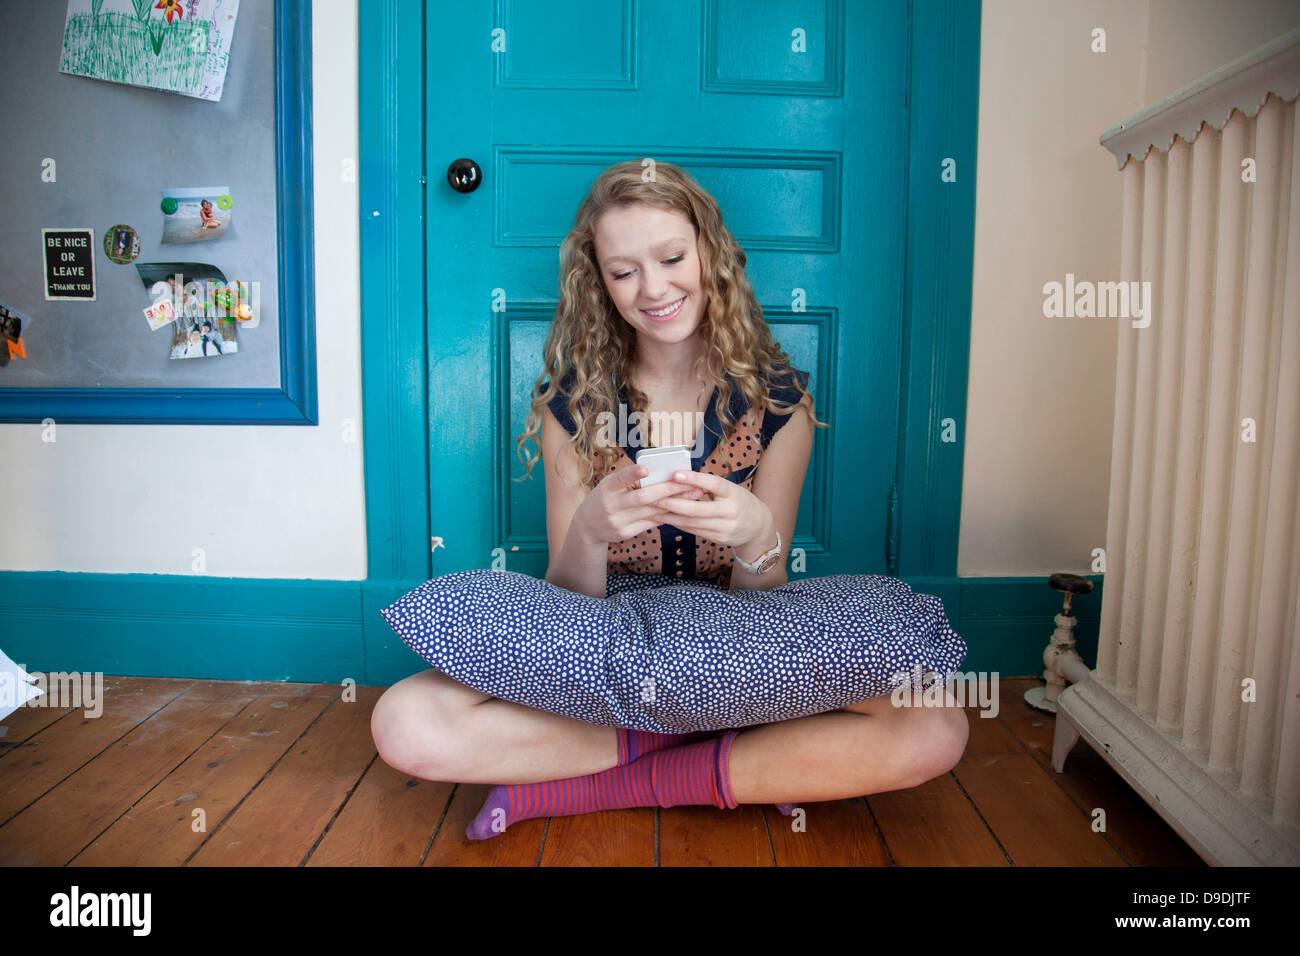 Adolescent assis devant la porte bleue, à l'aide de téléphone mobile Photo Stock